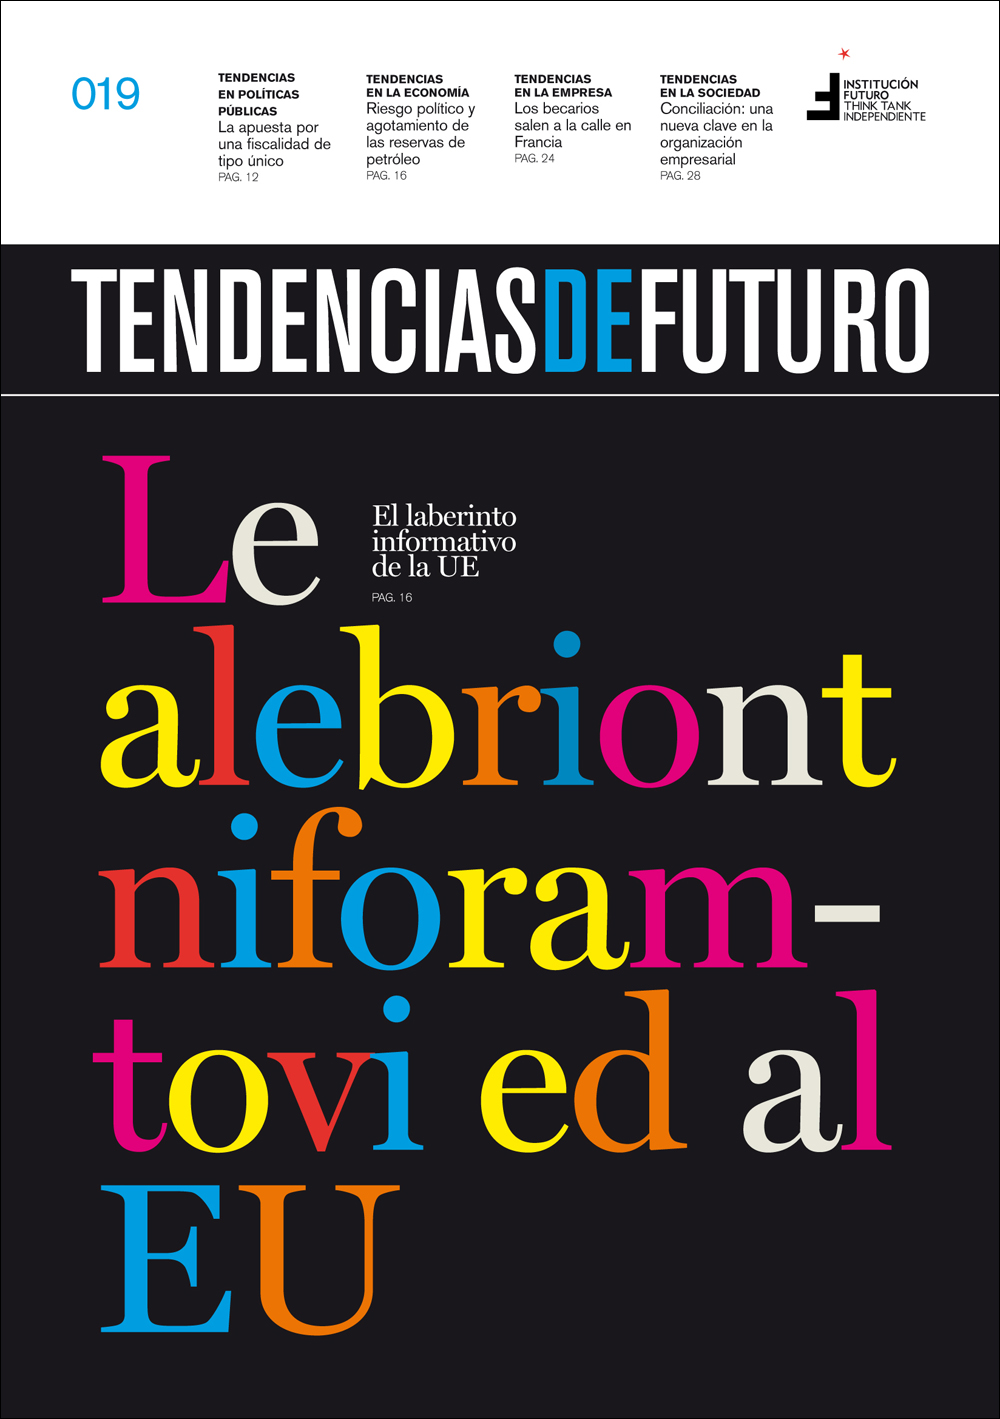 El think tank Institución Futuro, galardonado por su revista Tendencias de Futuro